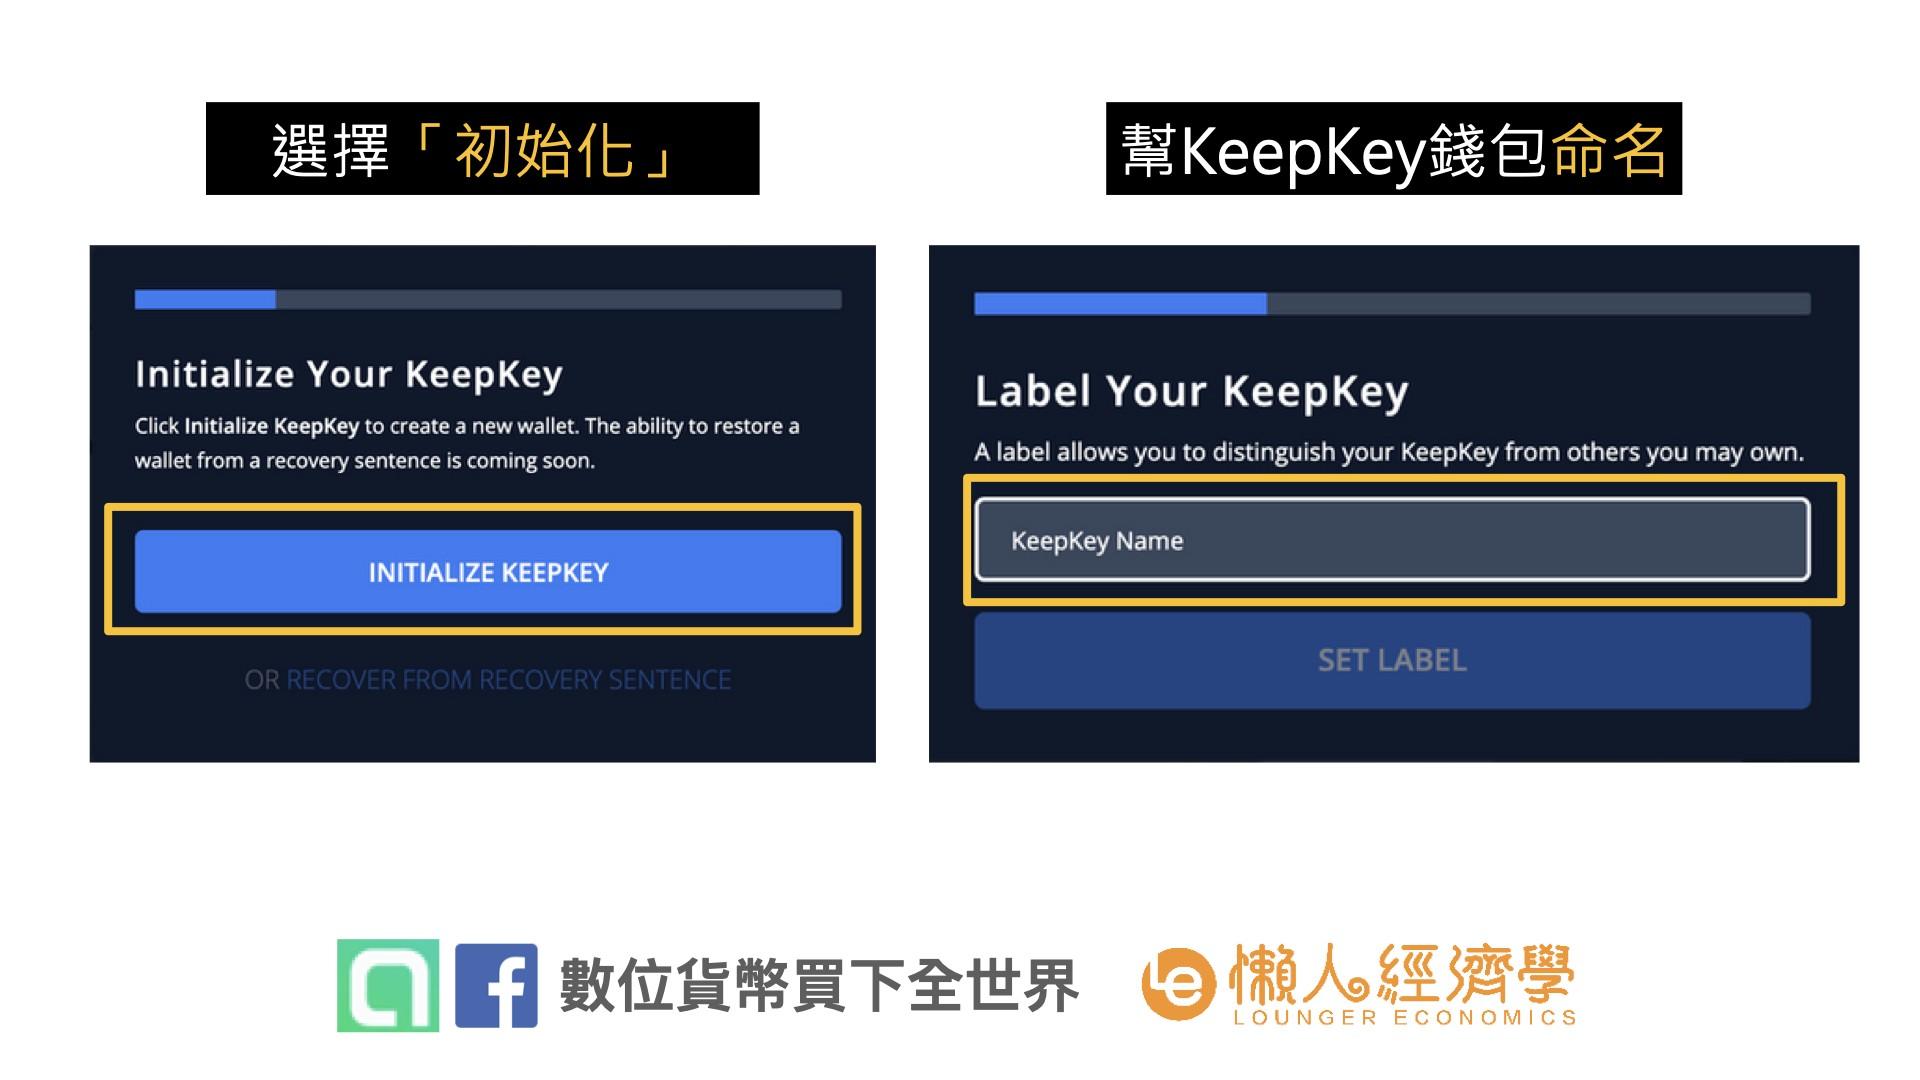 如何設定你的 KeepKey Wallet初始化KeepKey